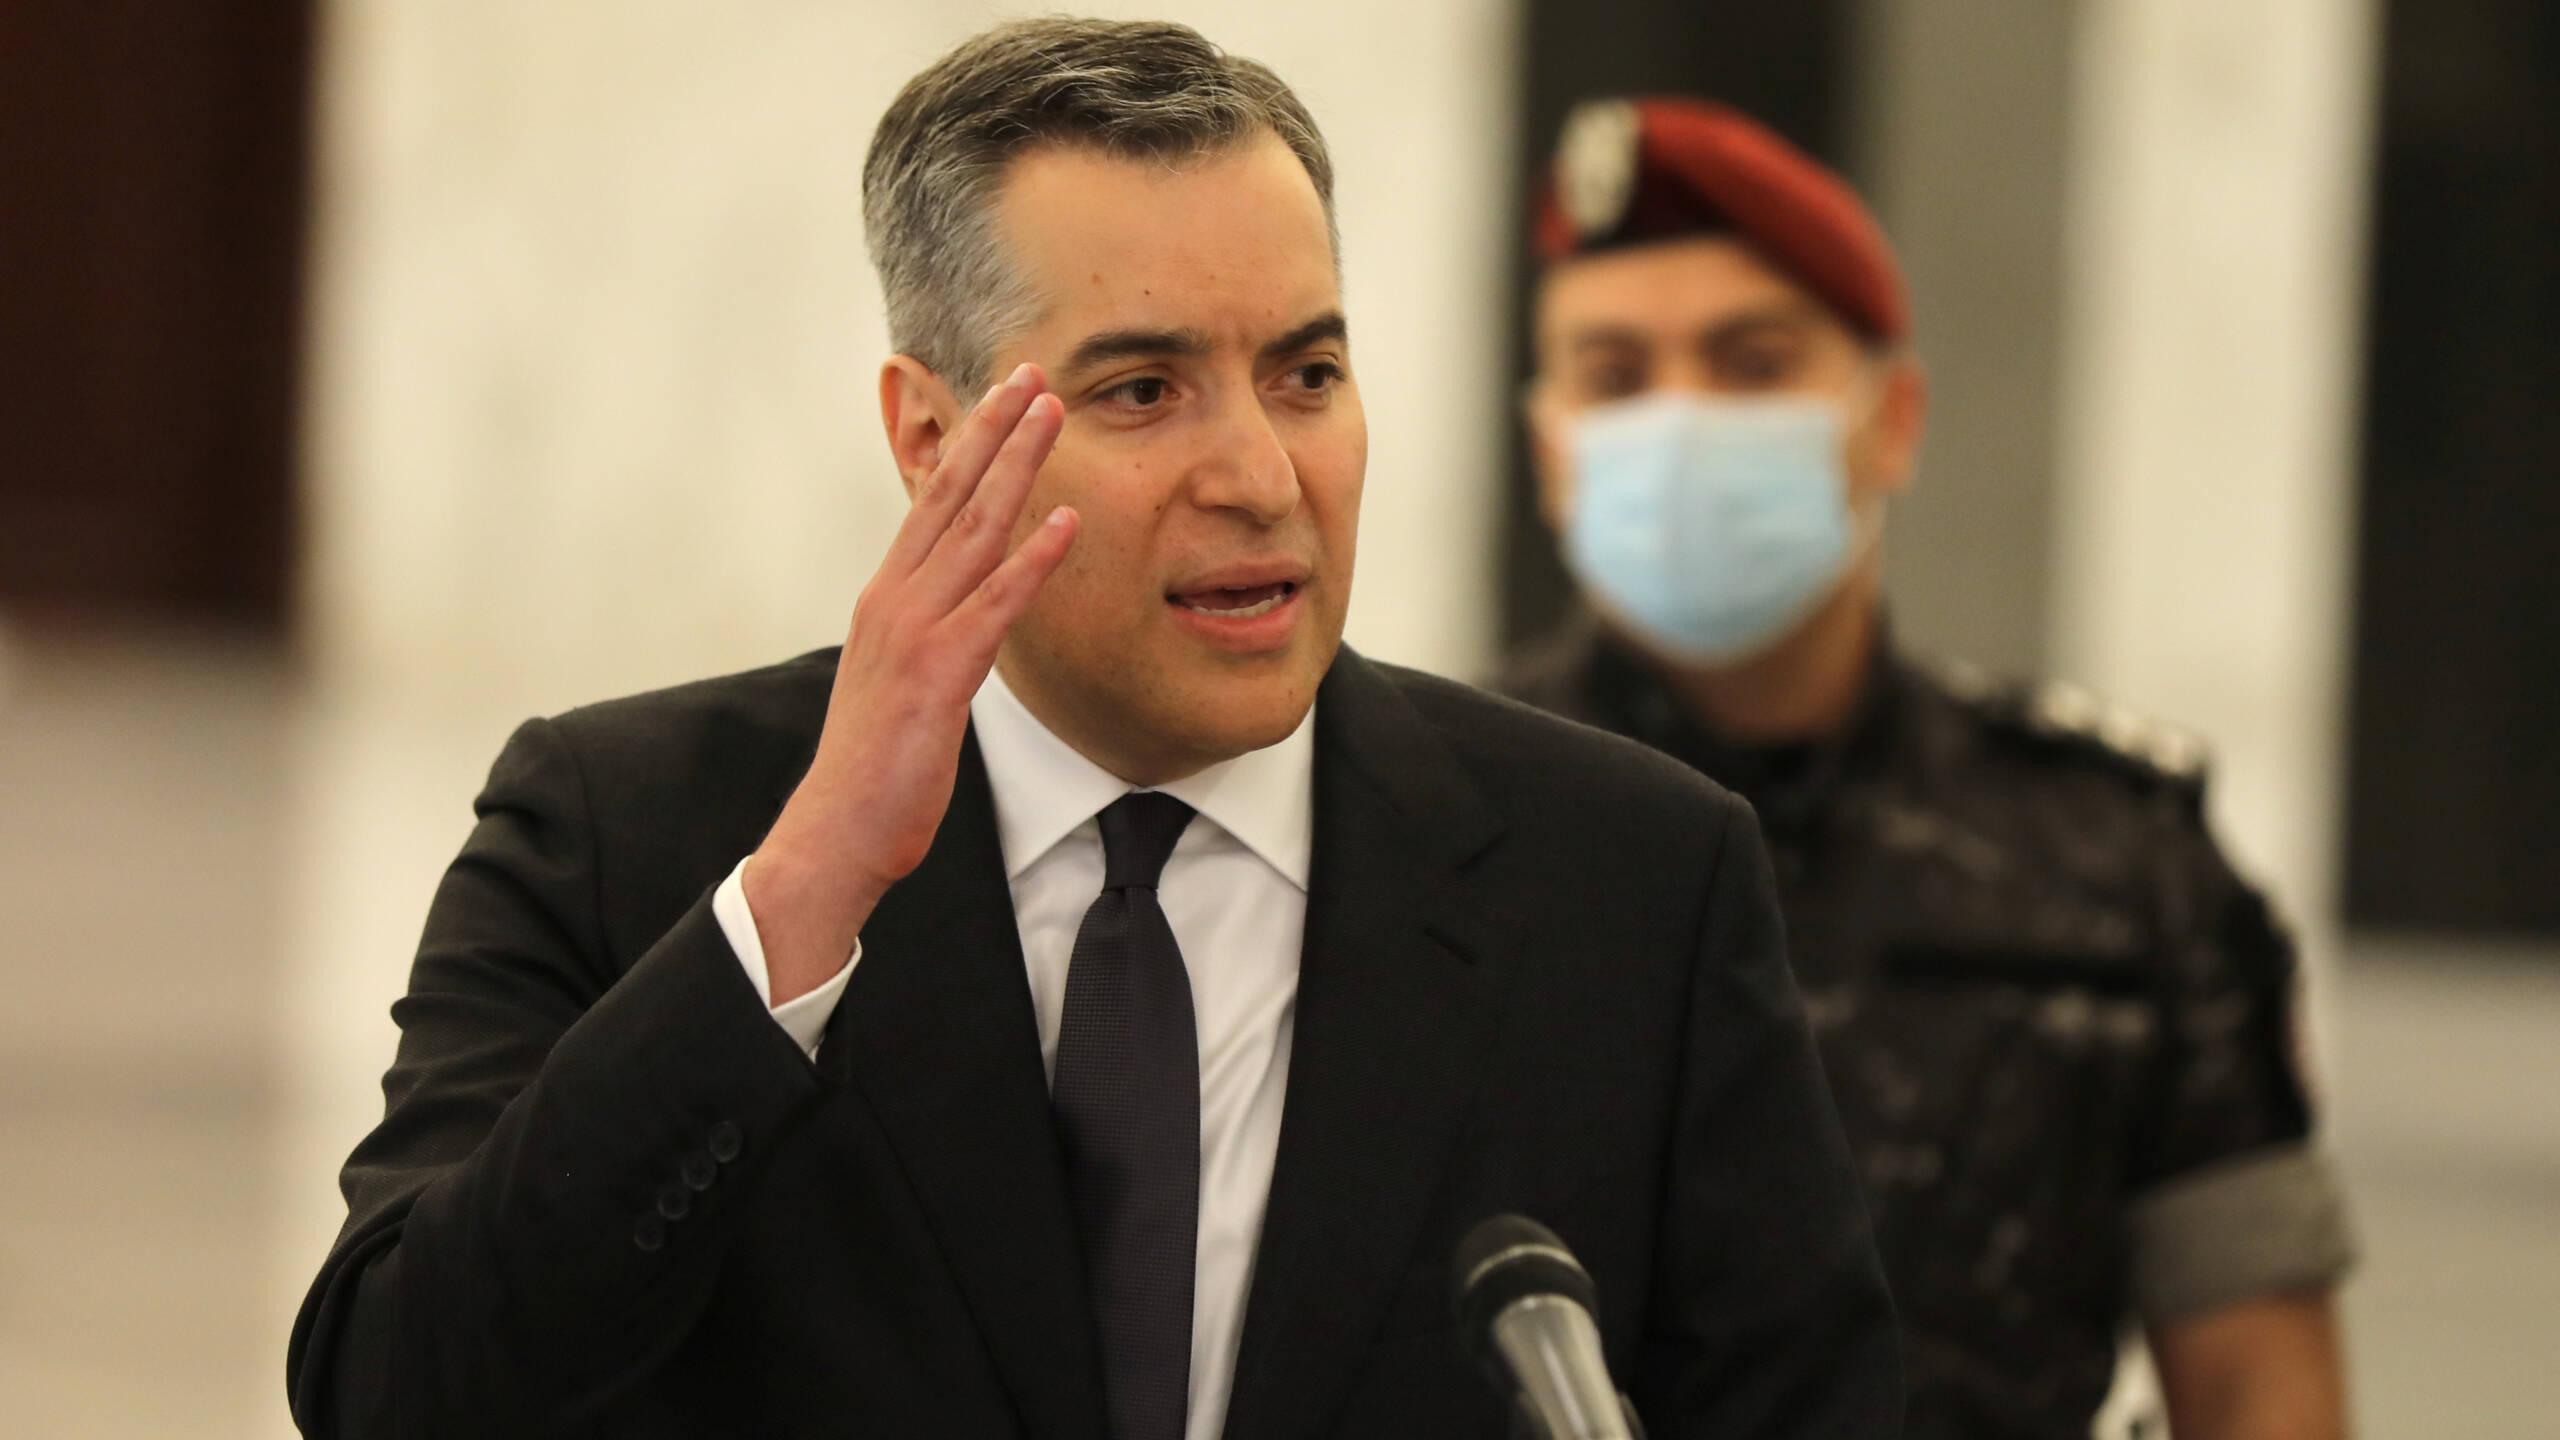 رئيس الوزراء اللبناني يؤكد عدم امتلاك البلاد ترف إهدار الوقت وسط الأزمات غير المسبوقة